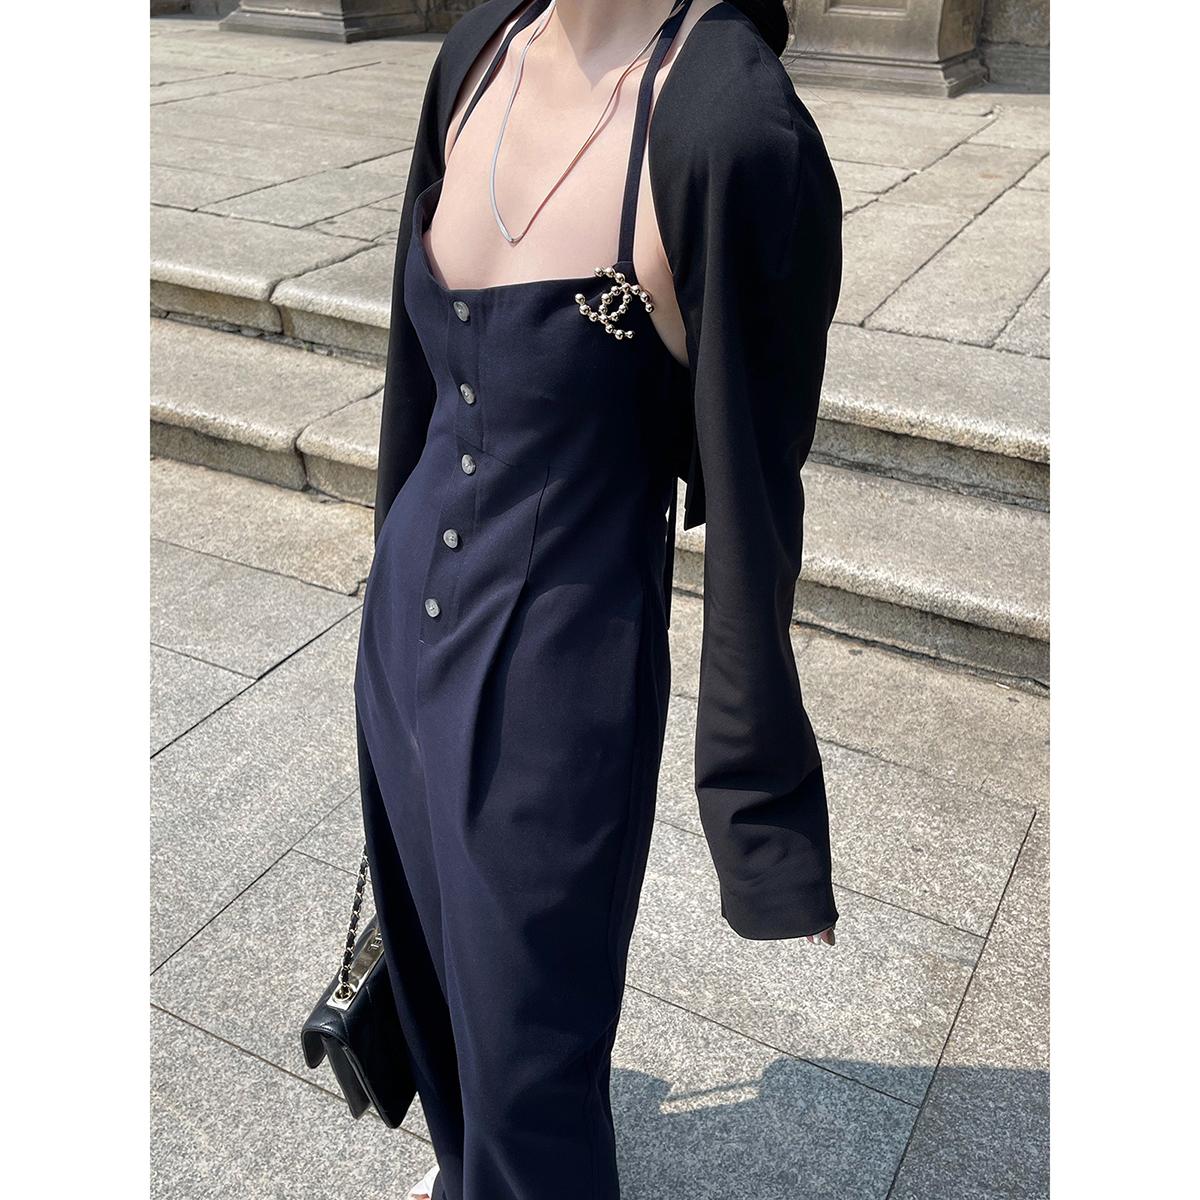 量訫 拒绝紫外线防晒衣女ins设计薄款短款外搭百搭防晒西装小披肩